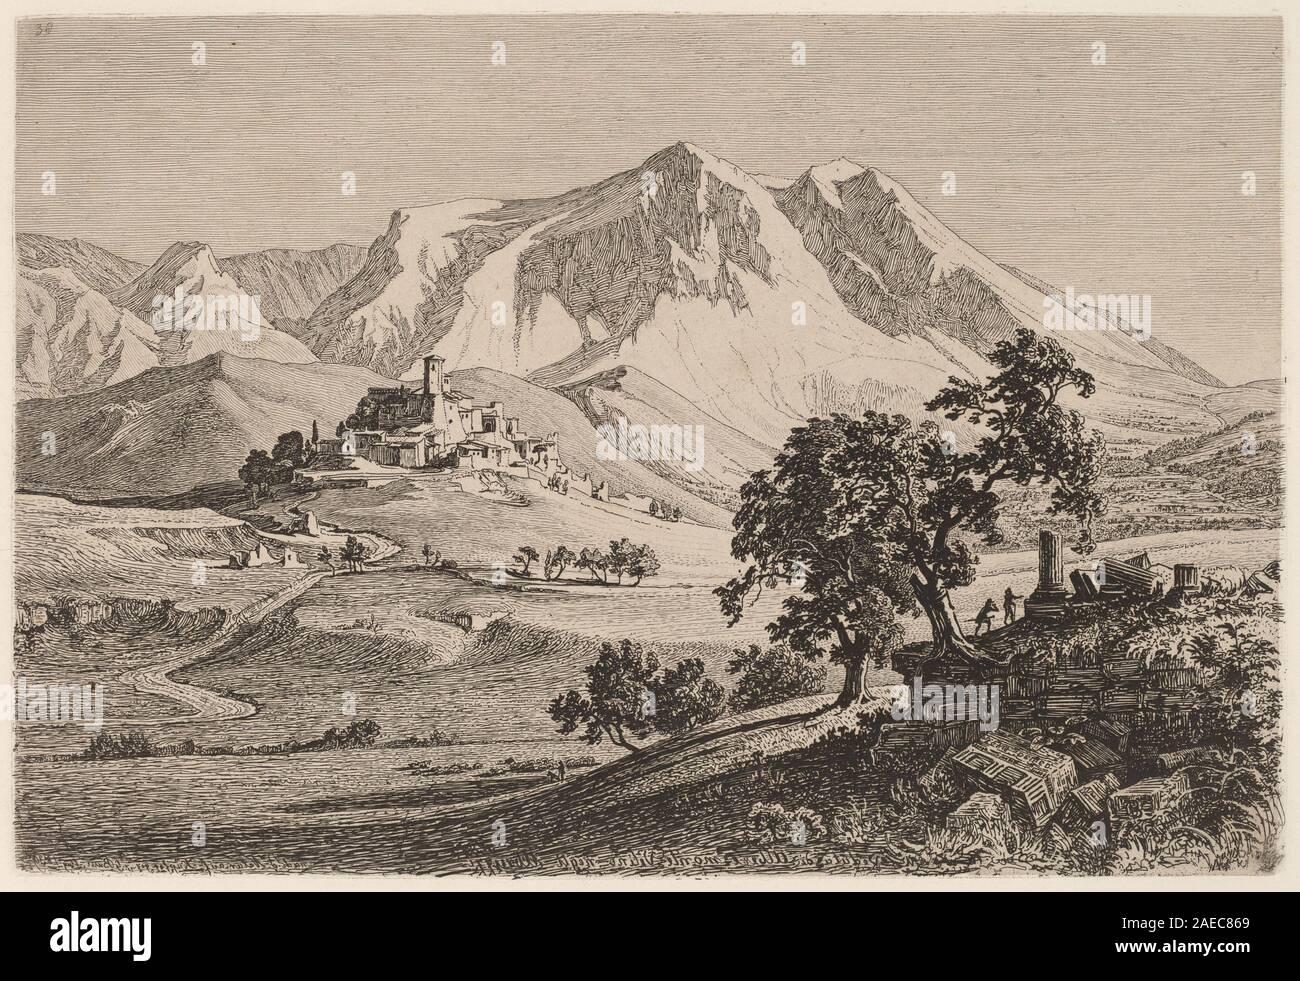 Veduta di Albe e Monte Velino negli Abruzzi; 1839date Georg Heinrich Busse, Veduta di Albe e Monte Velino negli Abruzzi, 1839 Stock Photo